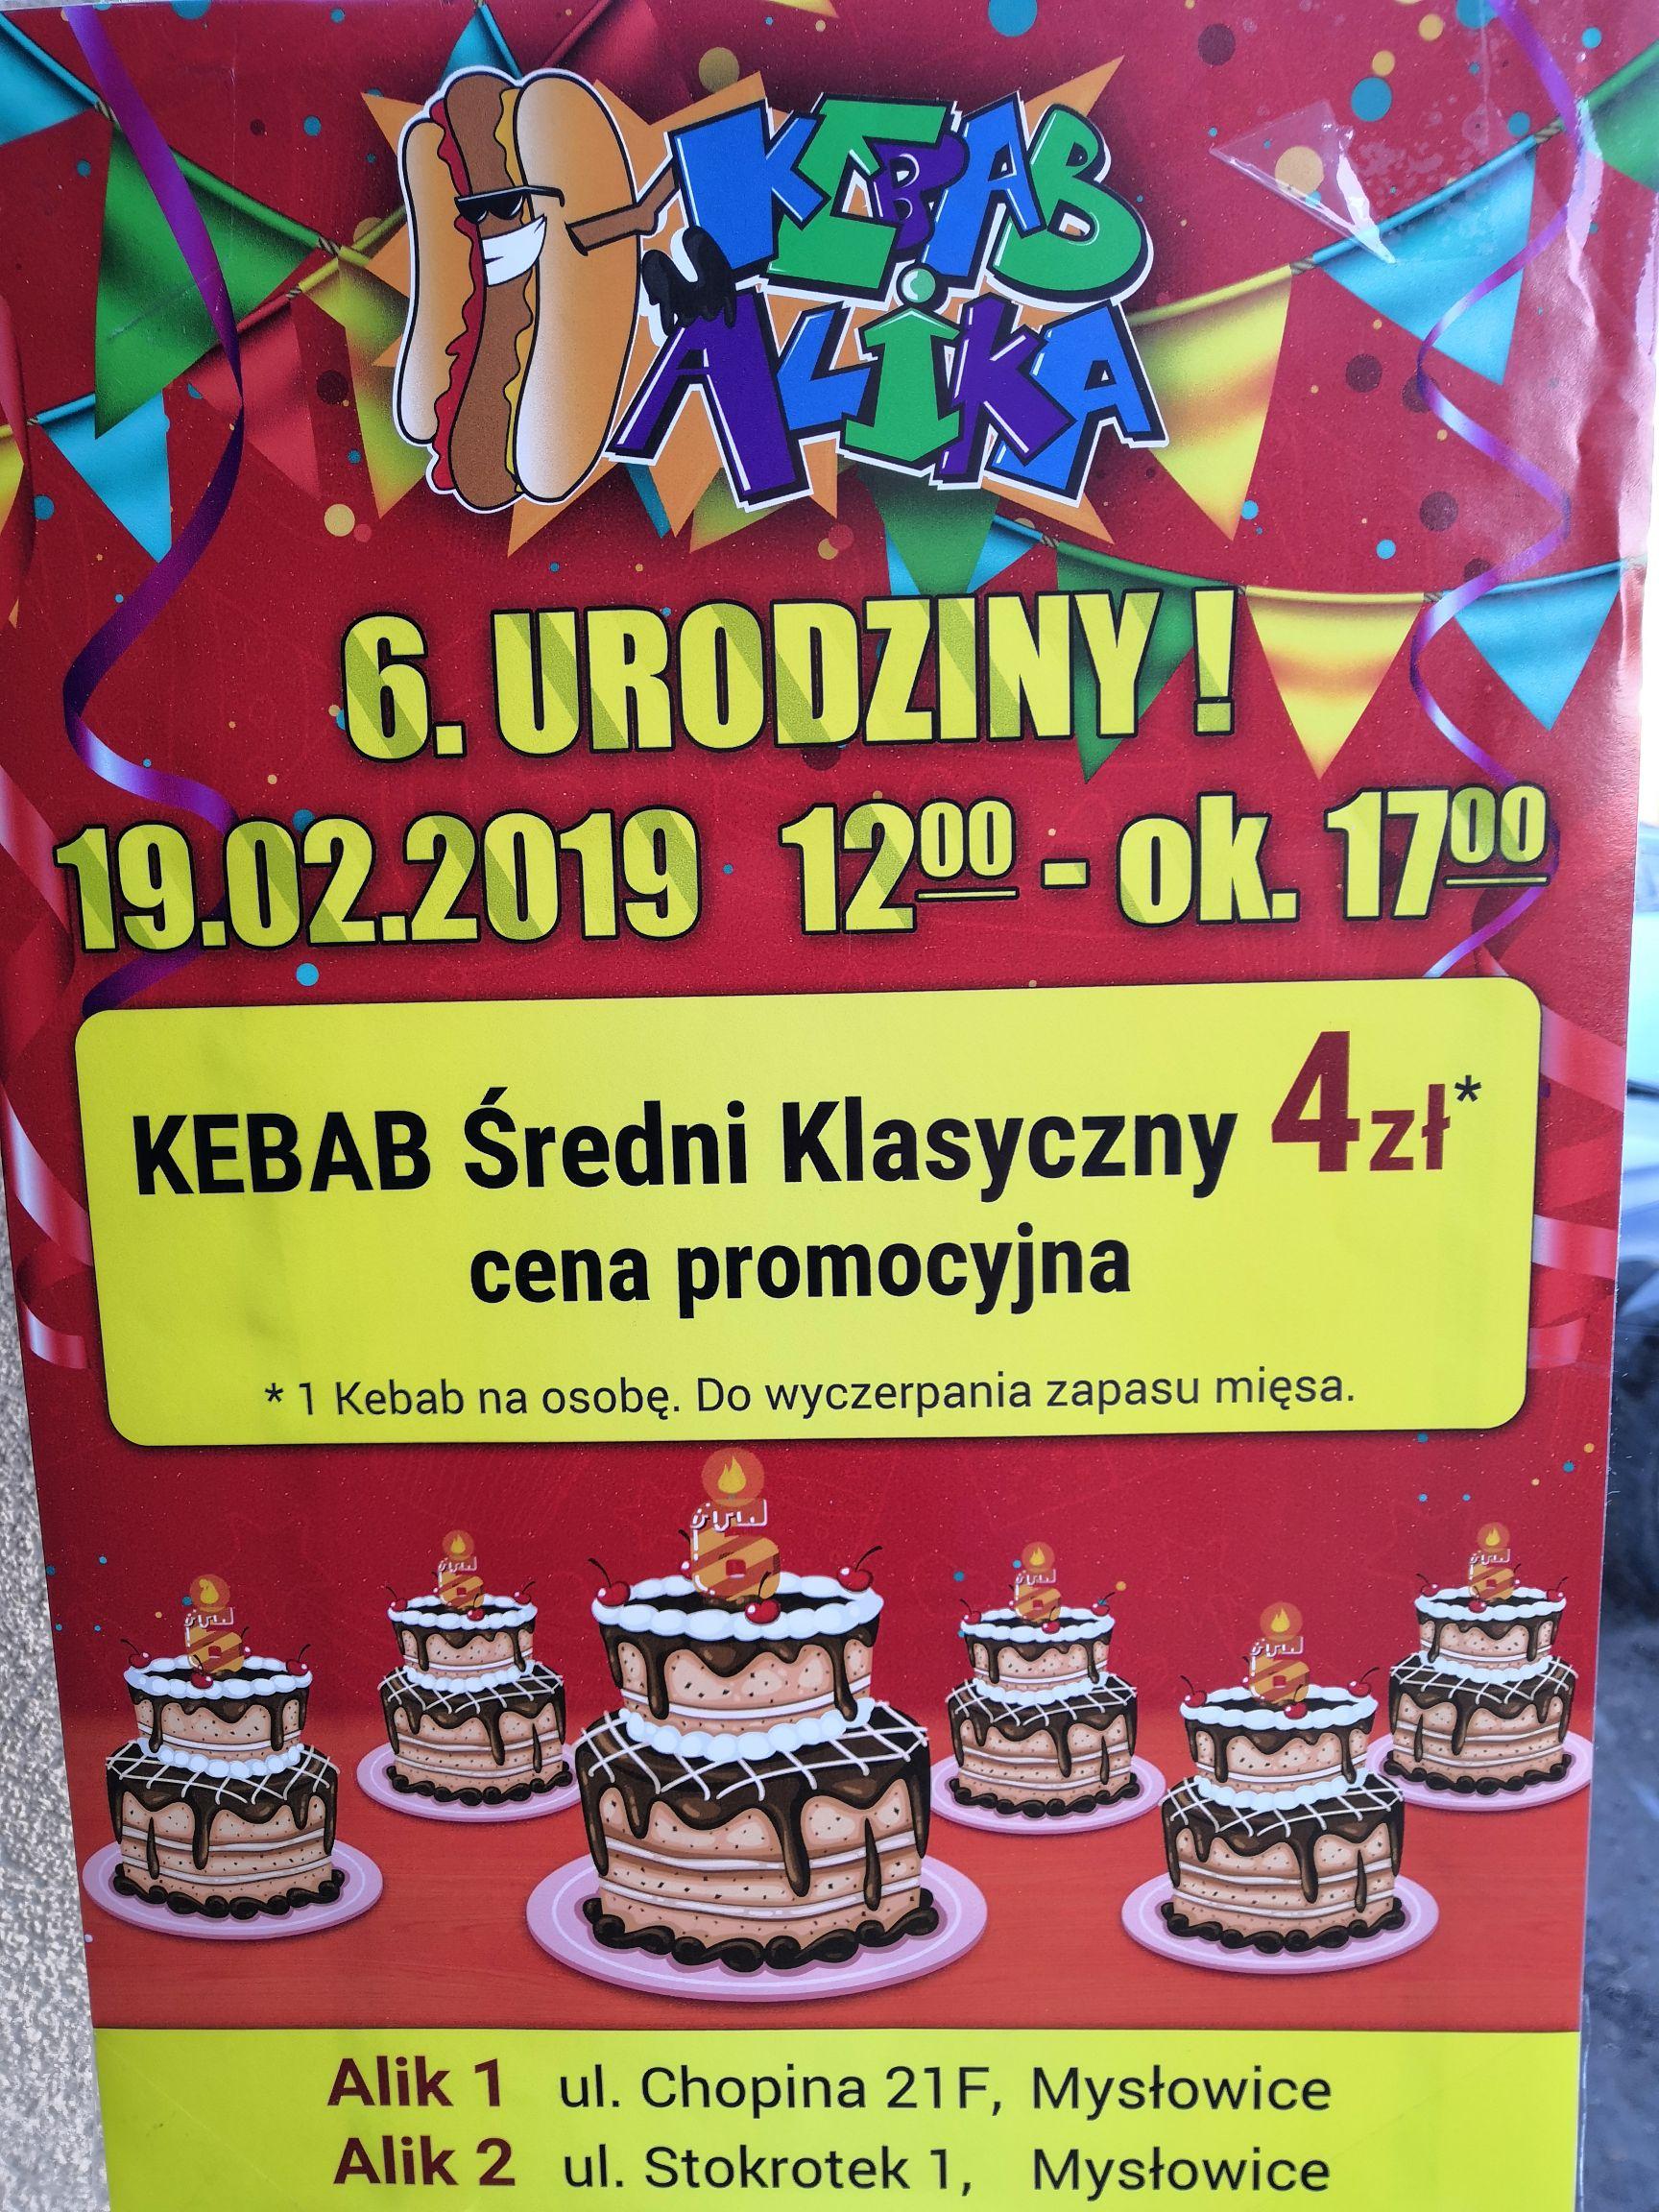 6 Urodziny Kebab u Alika. Mysłowice.